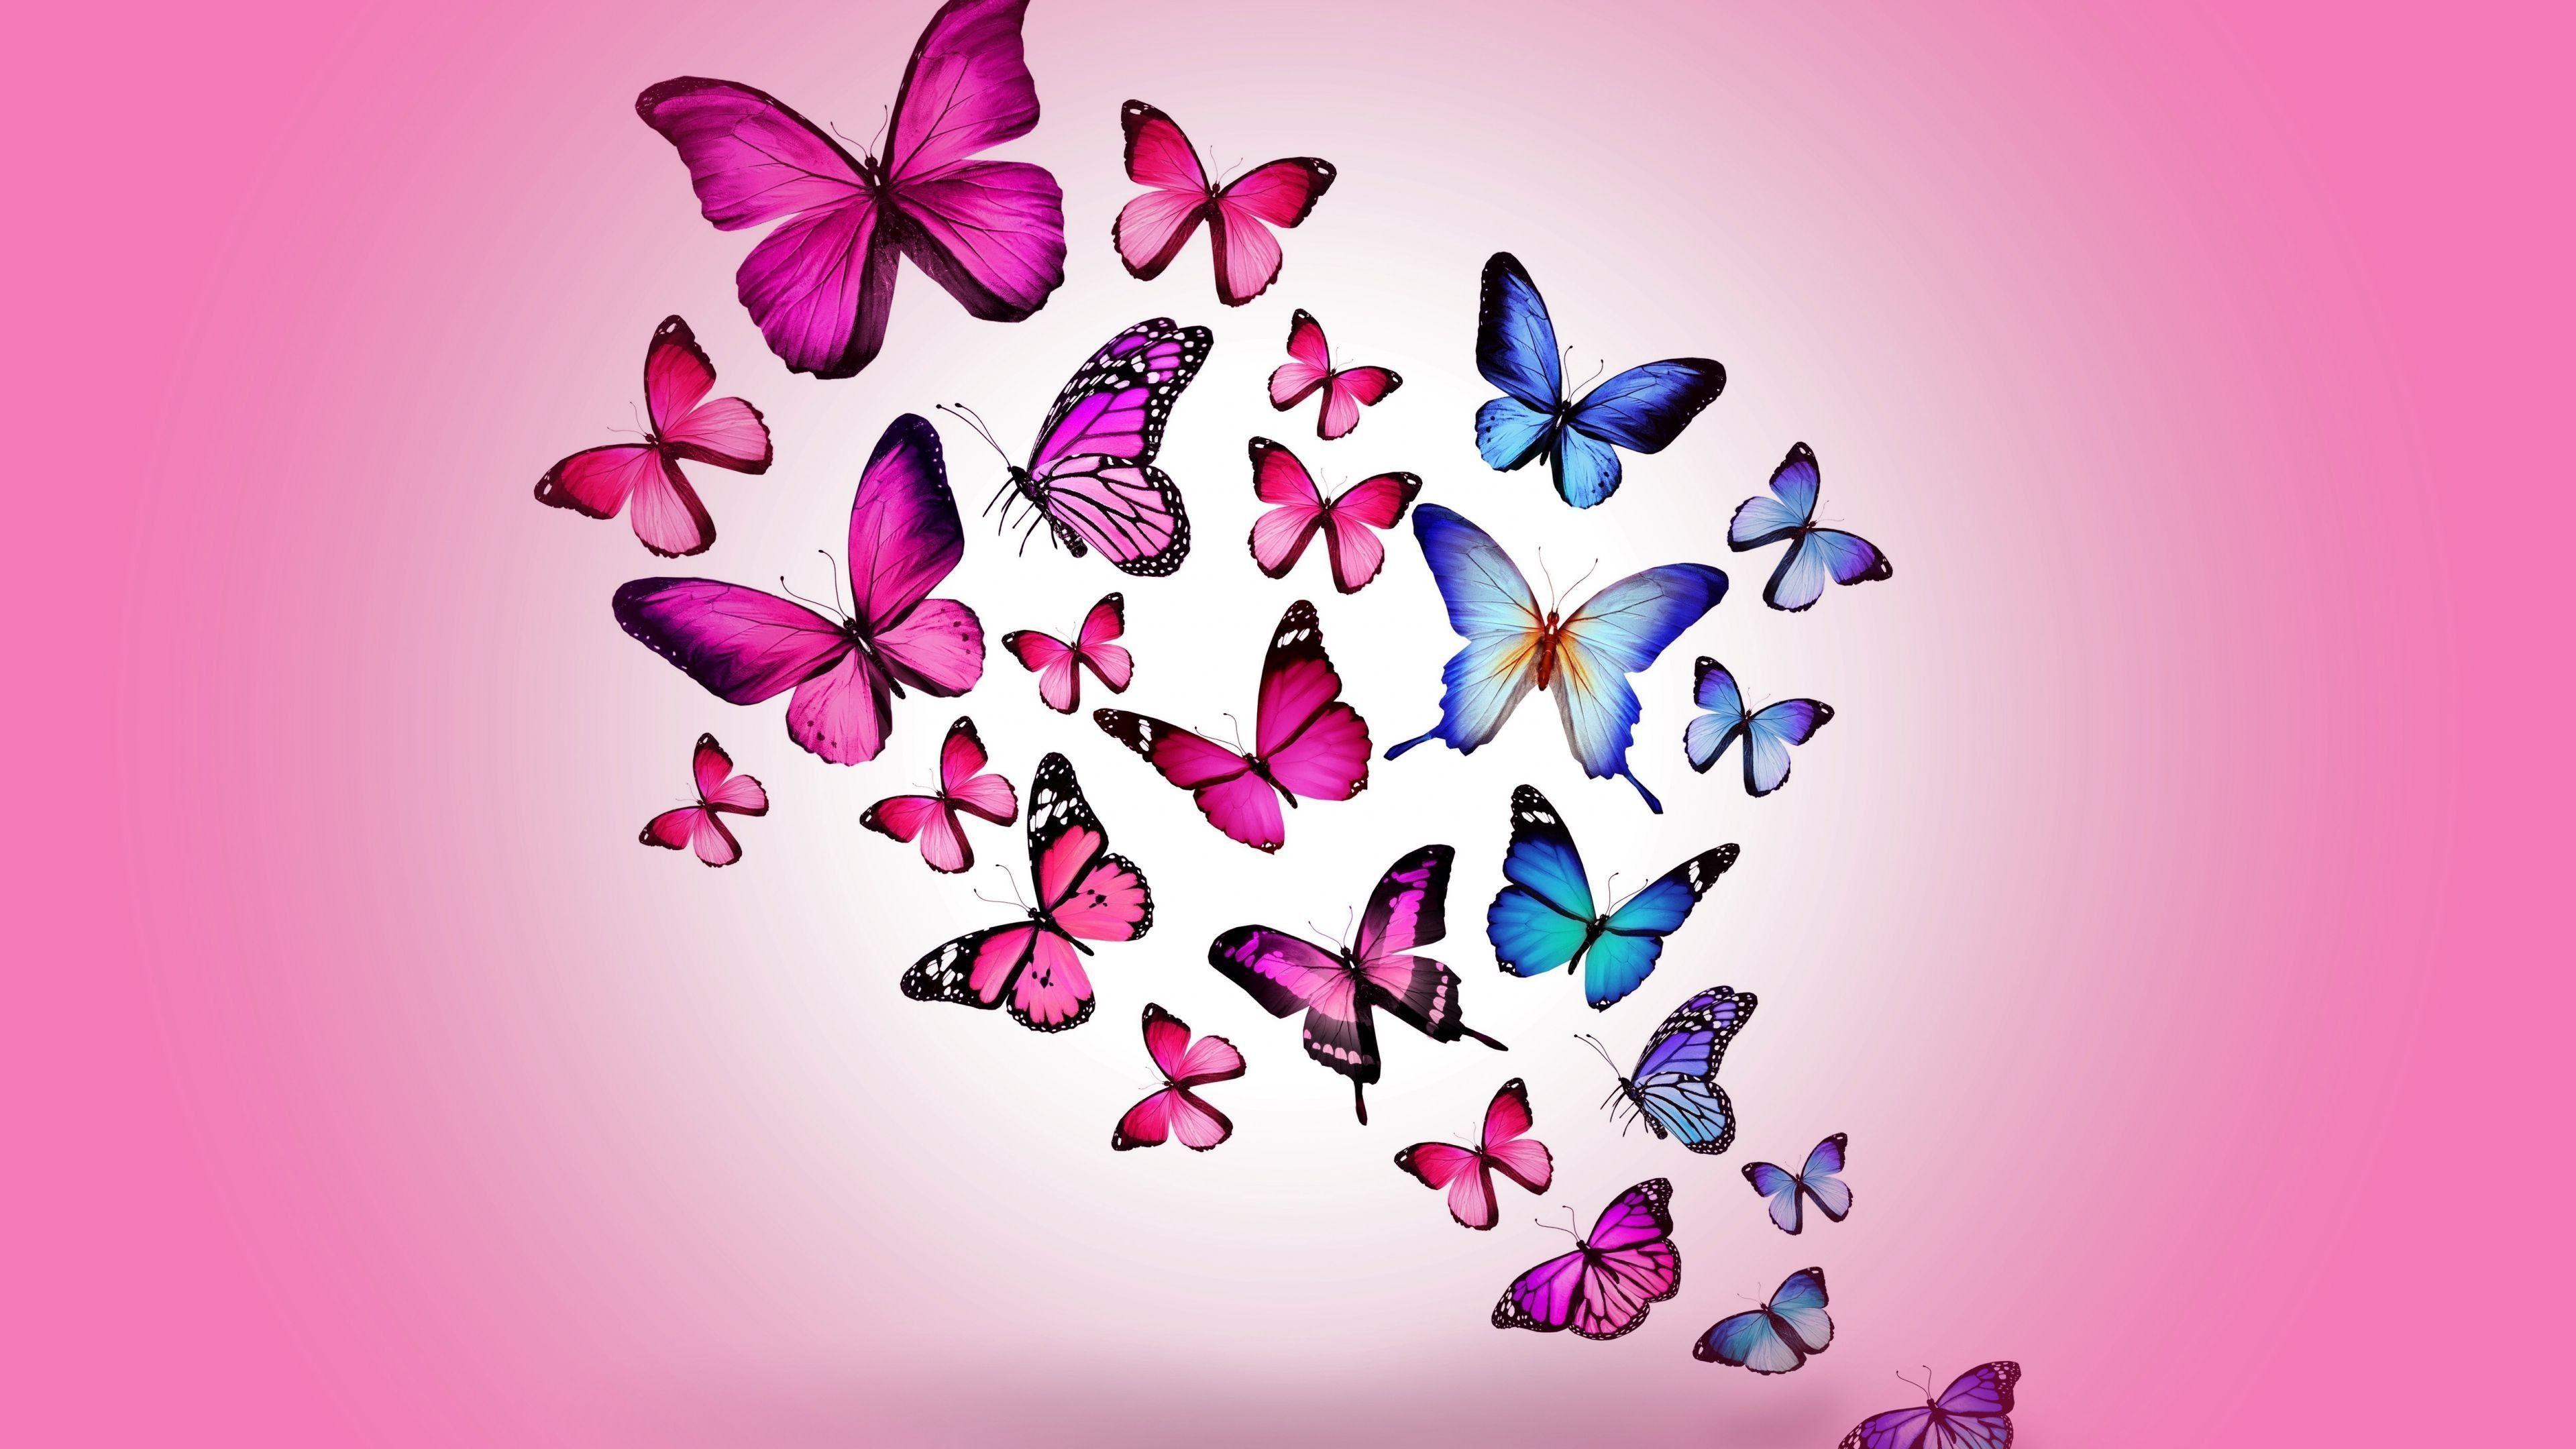 Hình nền máy tính xách tay hình con bướm 3840x2160